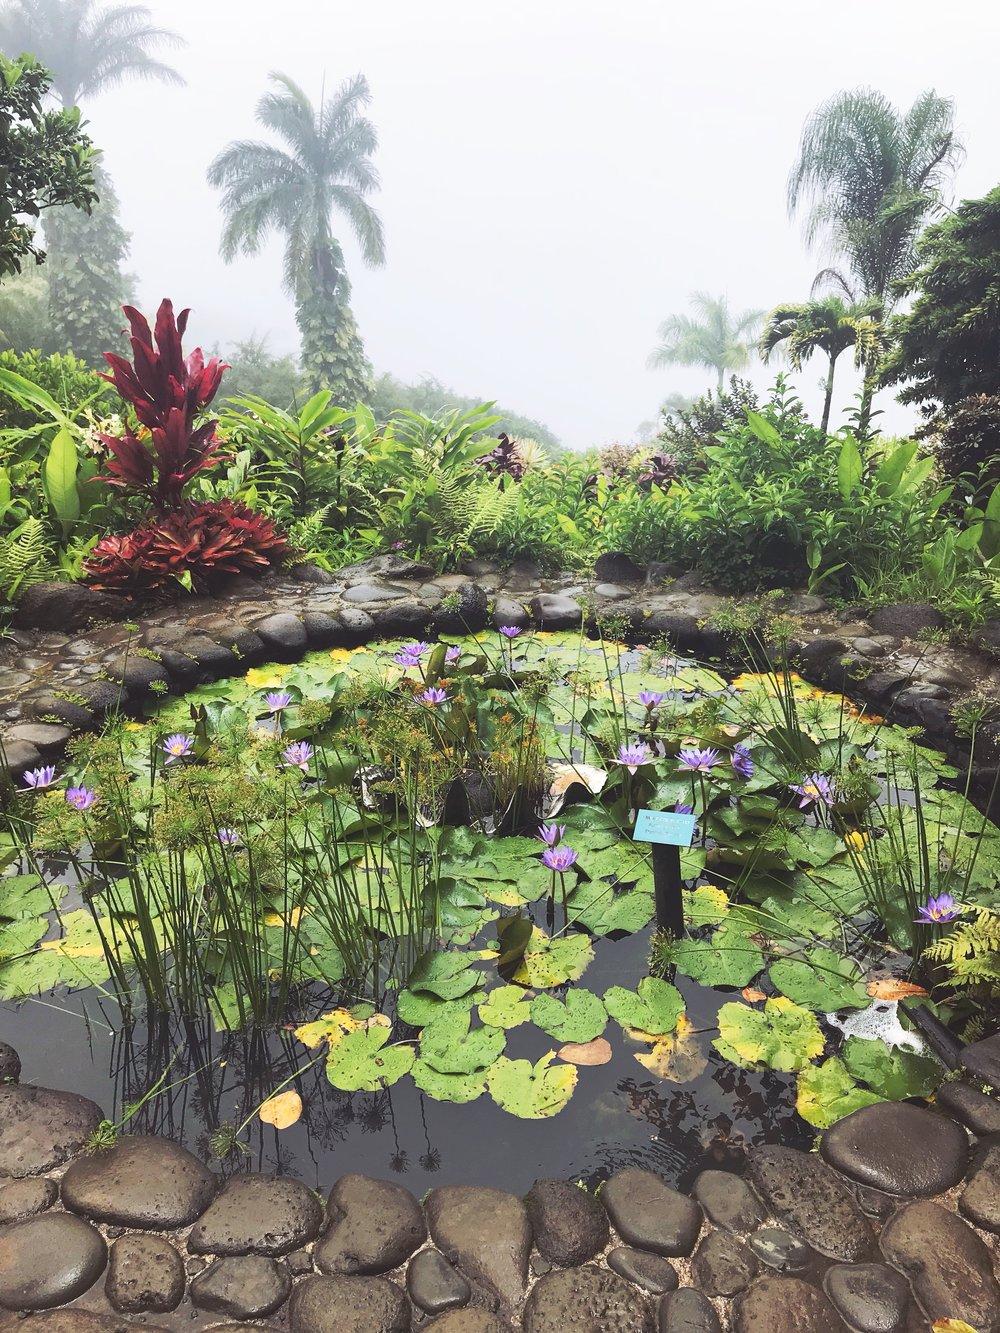 Garden_of_Eden_Lilly_Pond